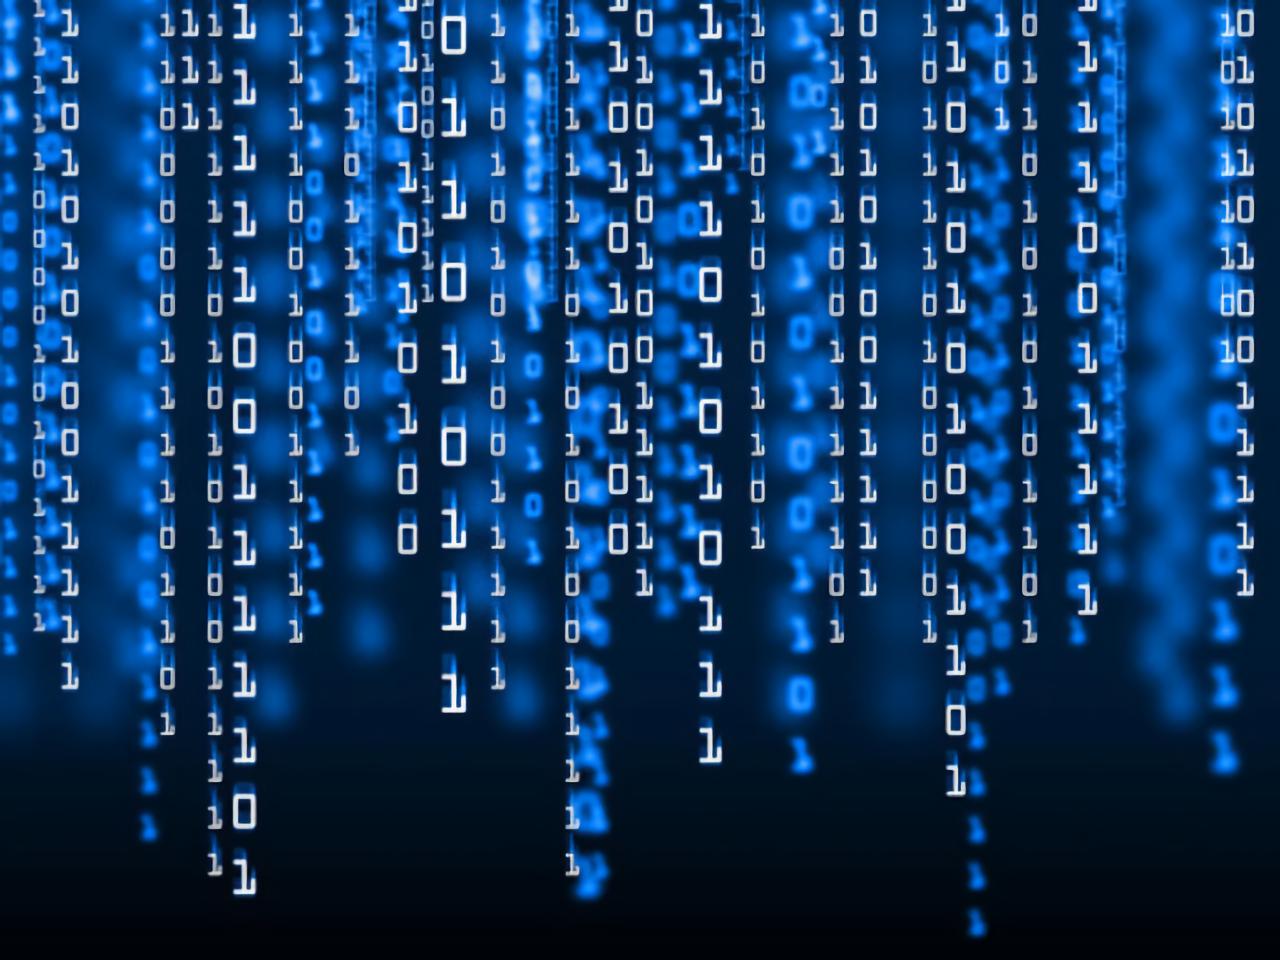 富士通、ポルトガル政府からスーパーコンピューターシステム受注--医療などに活用 - ZDNet Japan